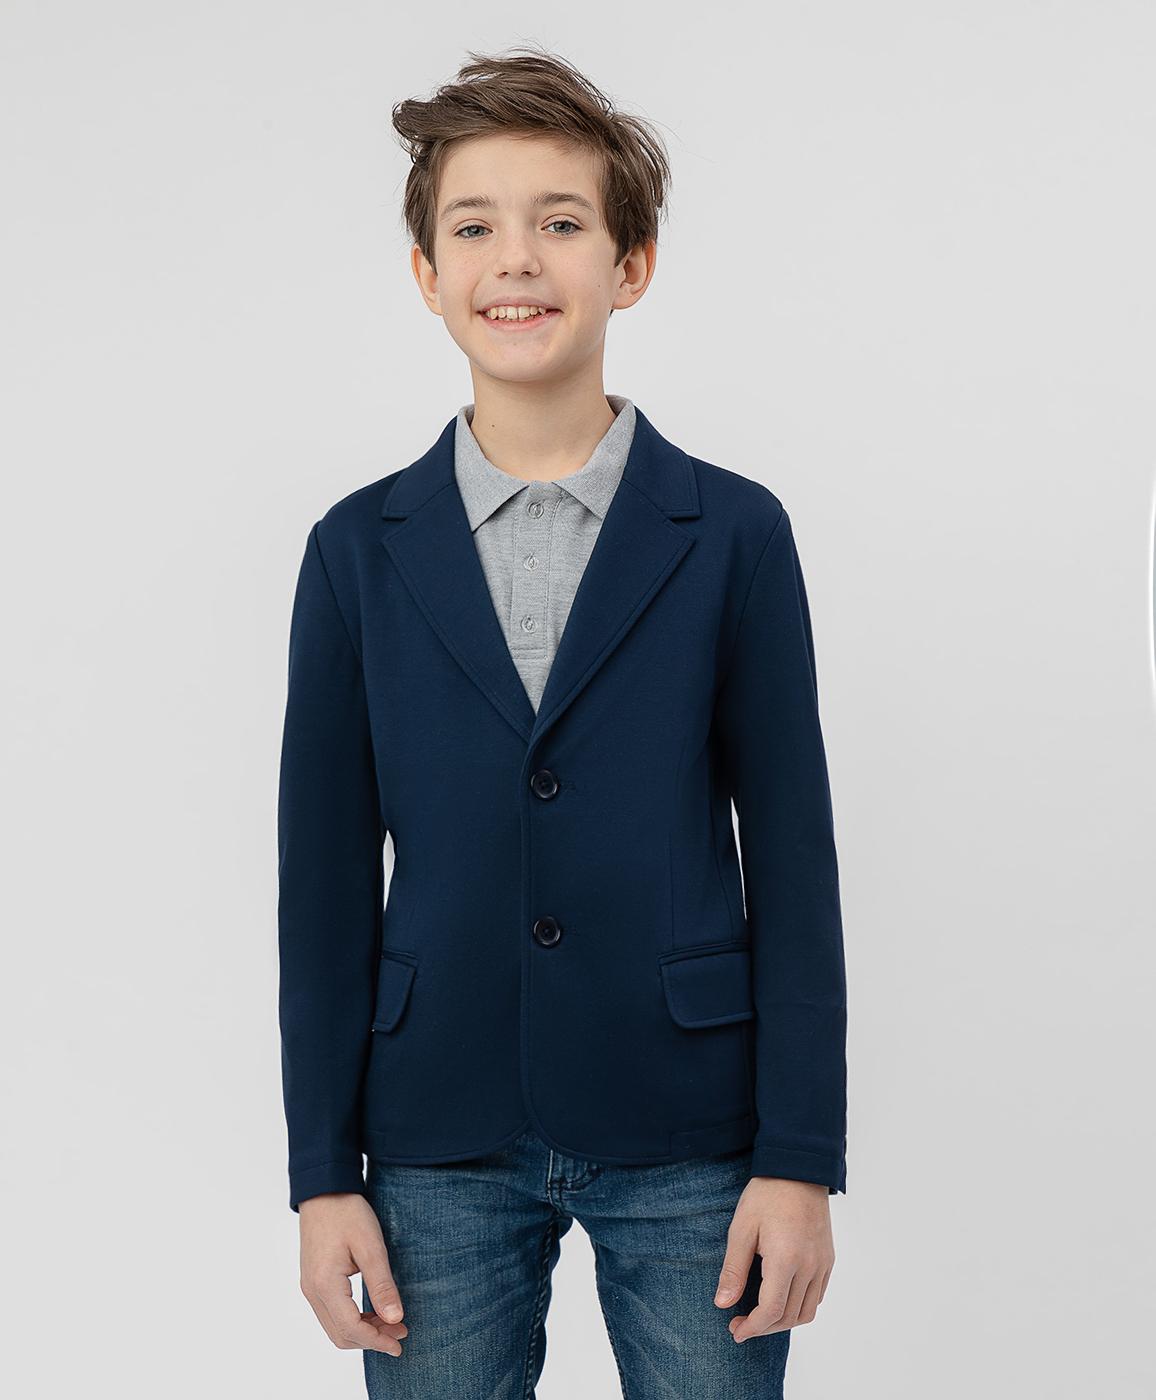 Купить 220BBBS19011000, Синий трикотажный пиджак Button Blue, синий, 152, Джерси, Мужской, Демисезон, ШКОЛЬНАЯ ФОРМА 2020-2021 (shop: GulliverMarket Gulliver Market)